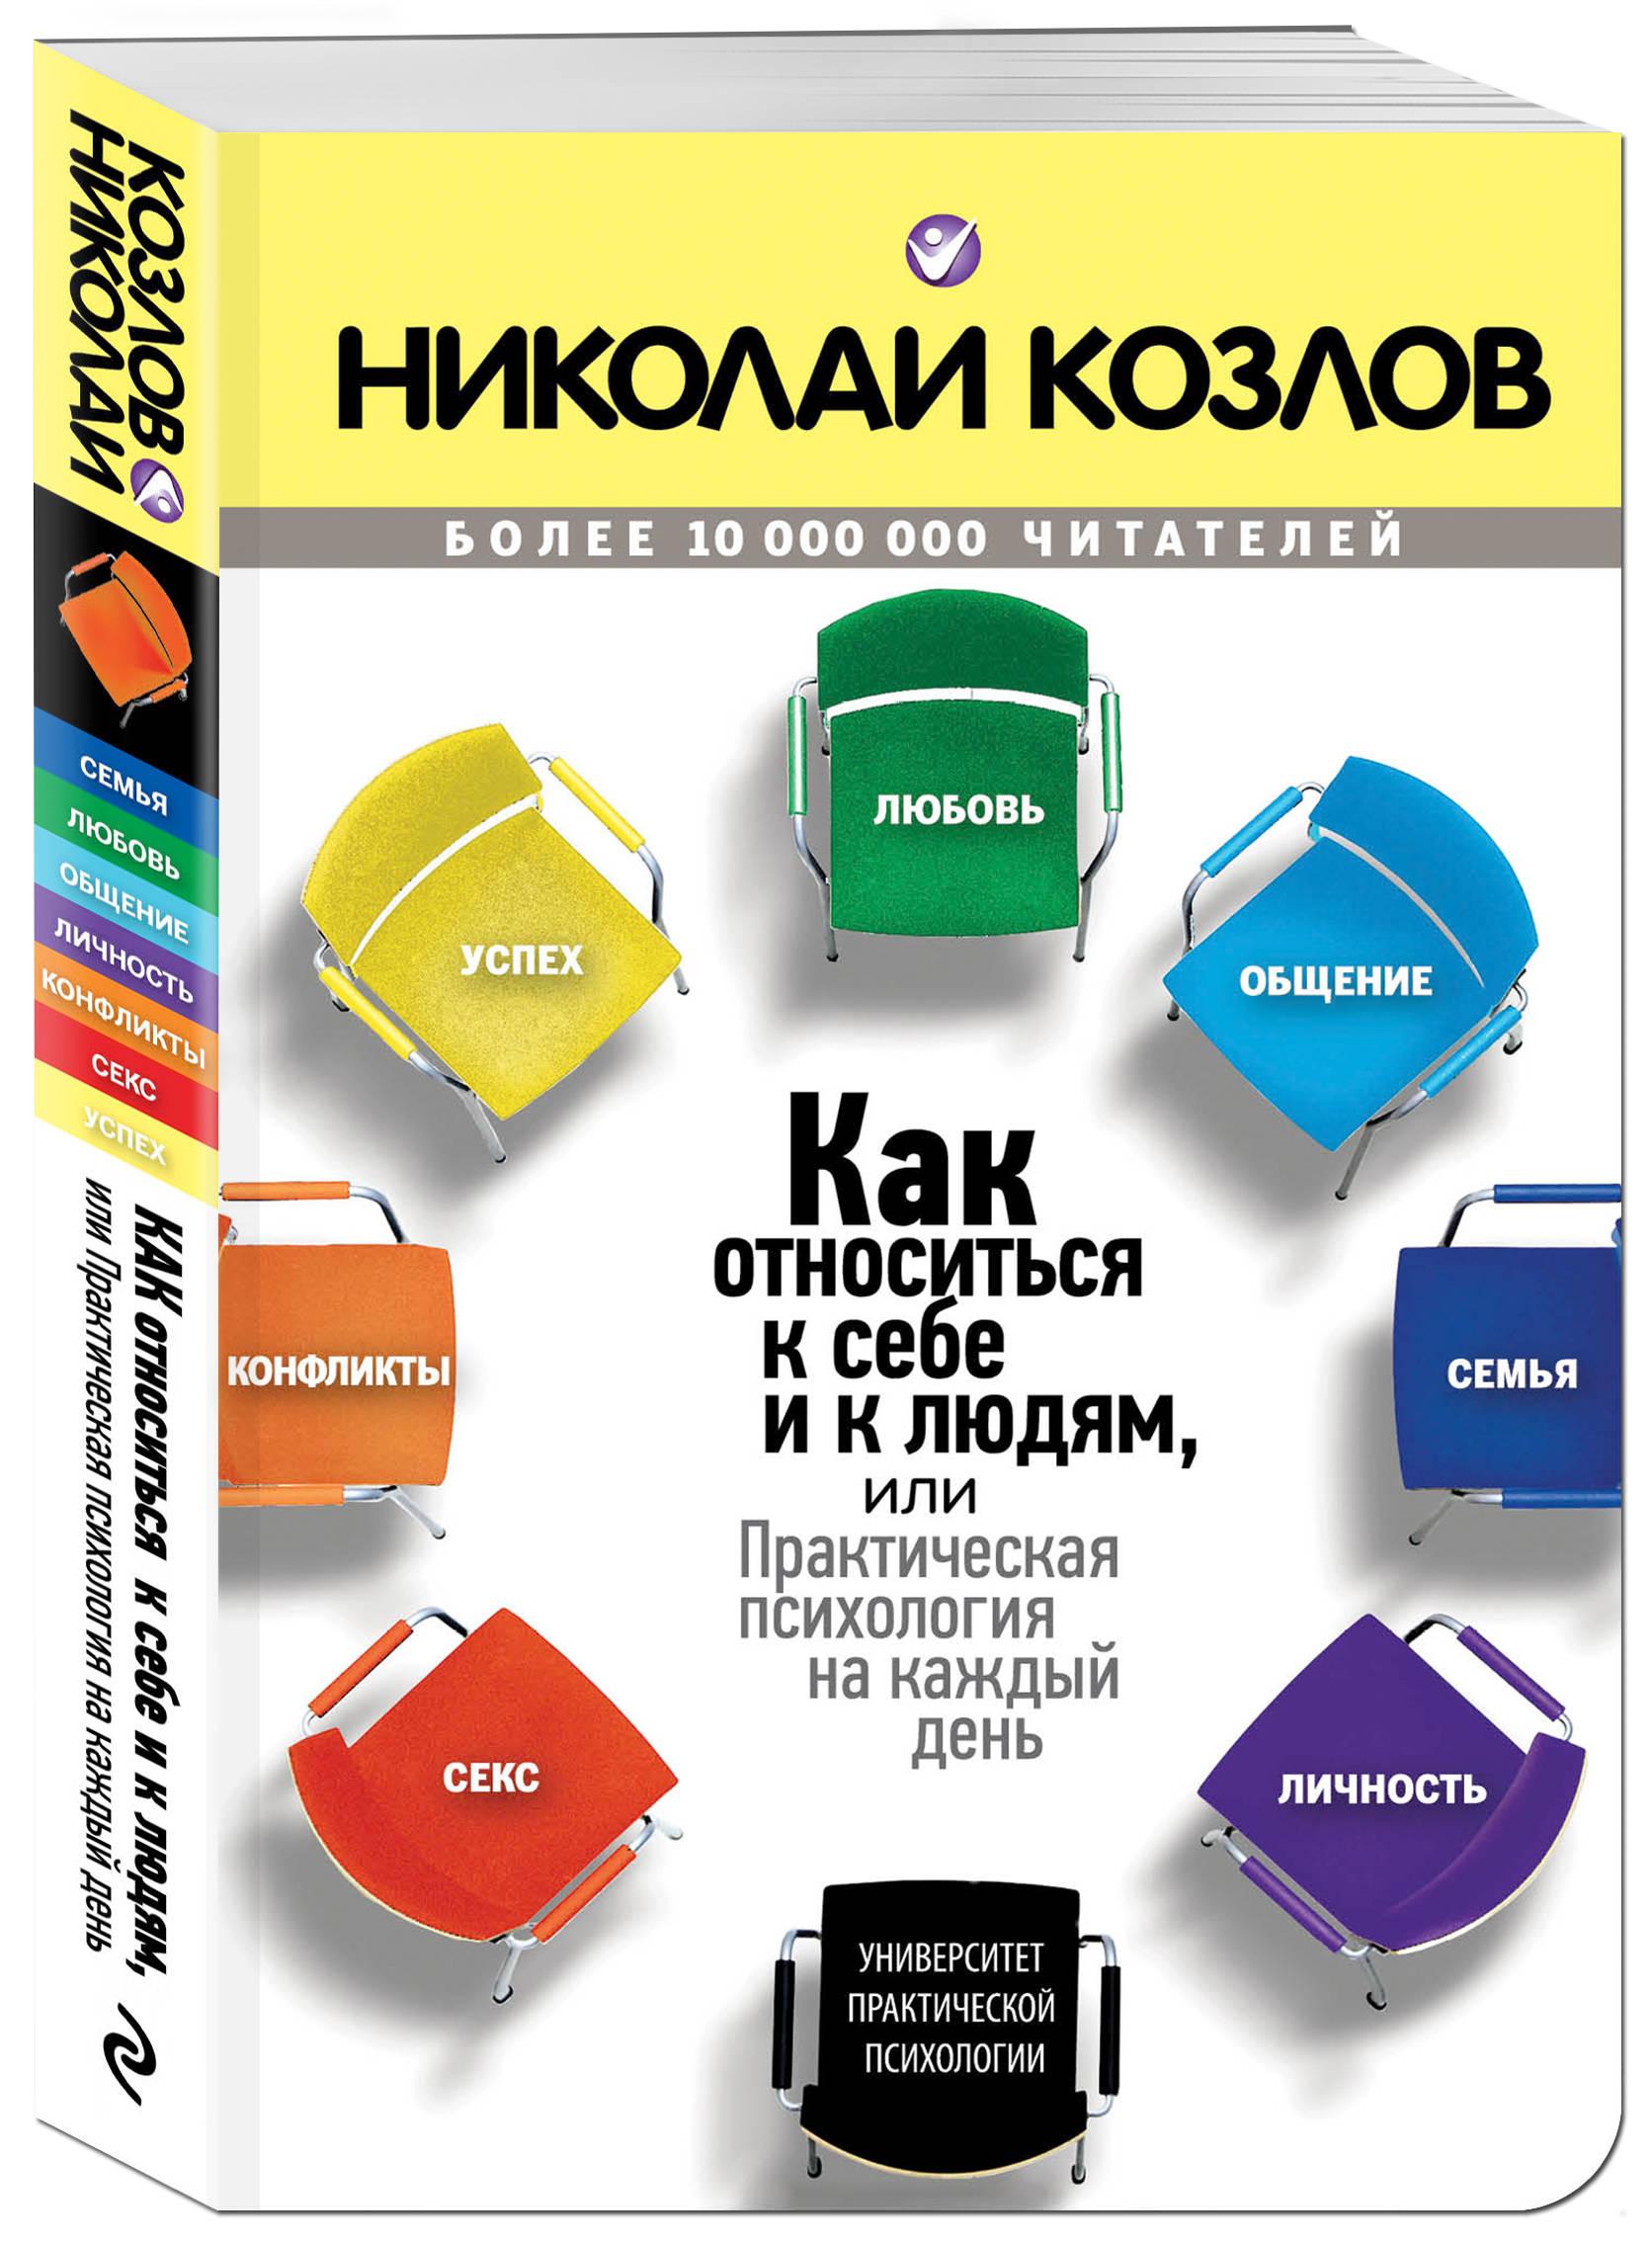 Козлов Н.И. Как относиться к себе и к людям ISBN: 978-5-699-48888-9 книги эксмо как относиться к себе и к людям